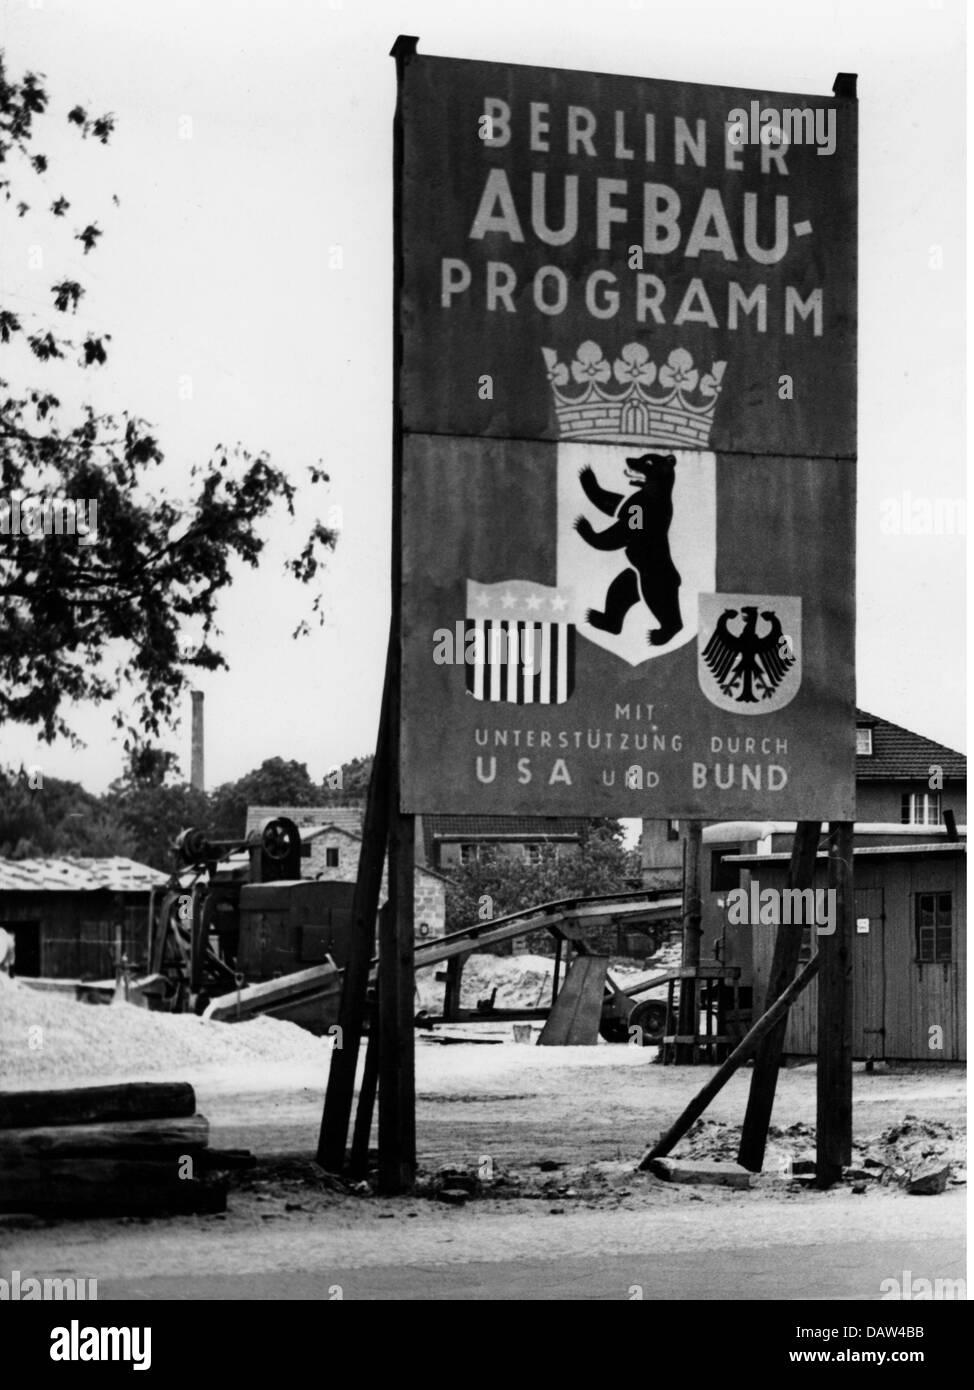 Post-Periode, Wiederaufbau, Deutschland, Berlin, Zeichen, Berlin Bauprogramm mit Hilfe von USA und der Bundesrepublik Stockbild